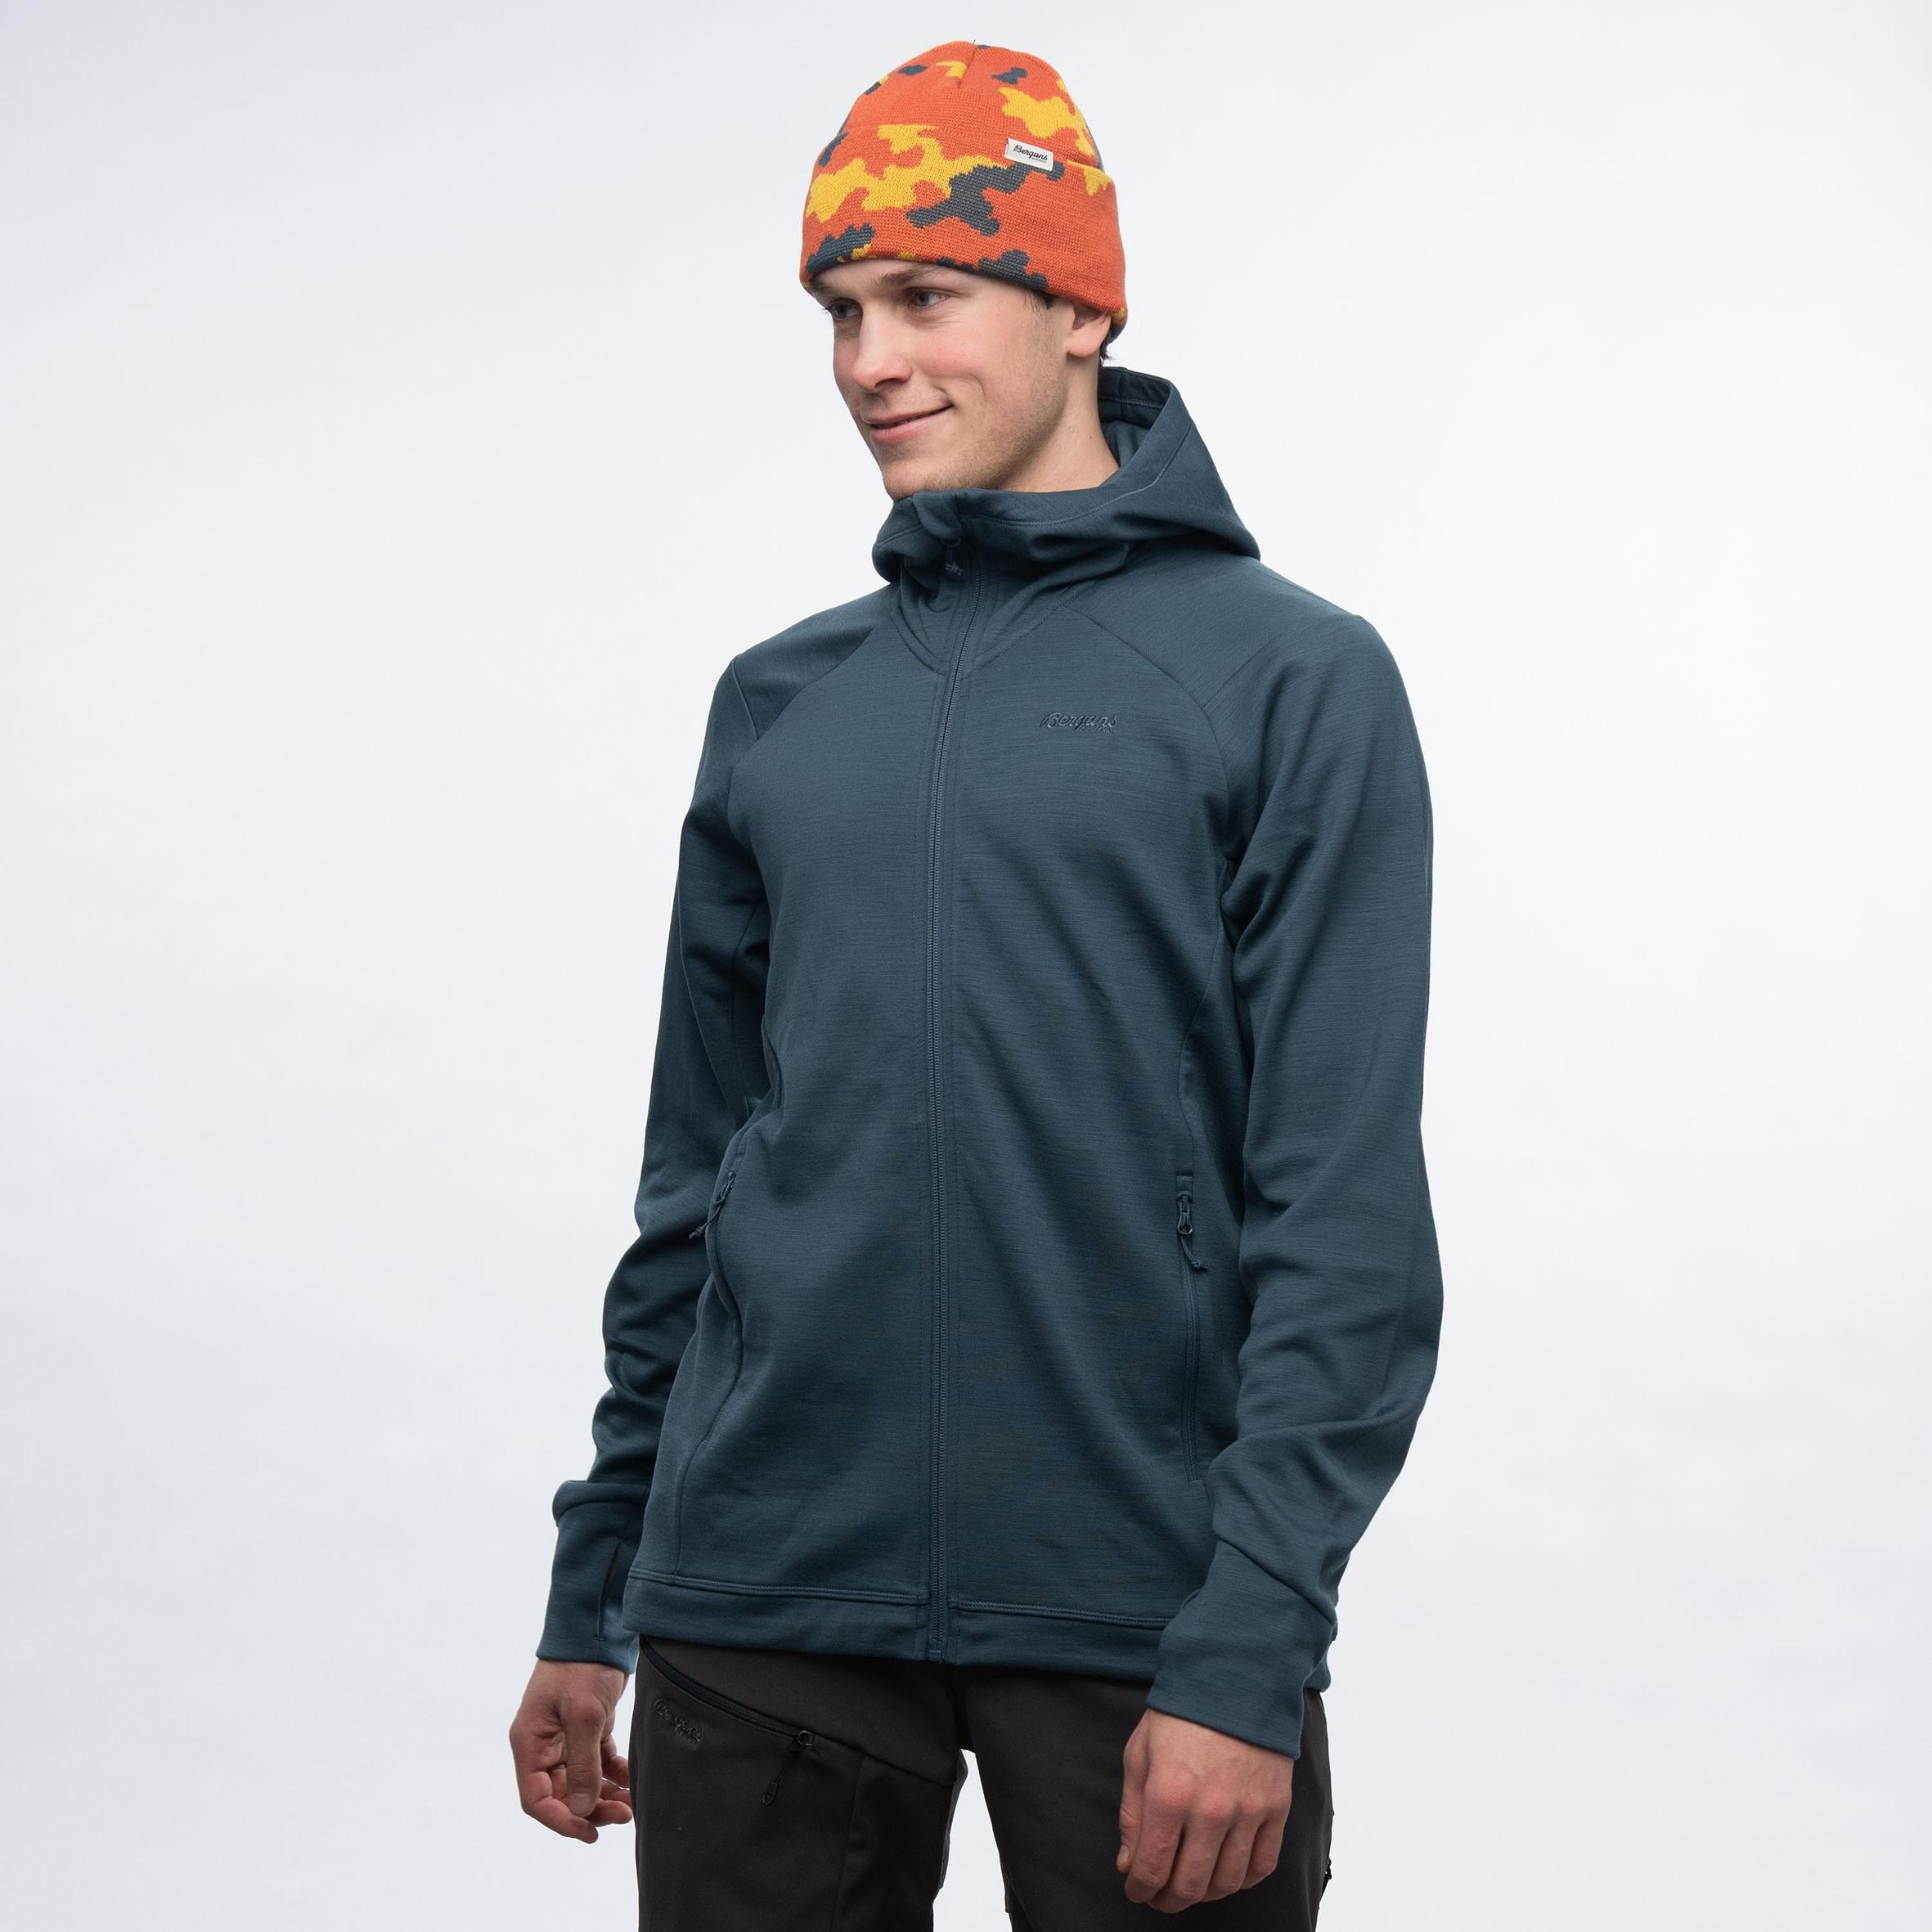 Ulstein Wool Hood Jacket